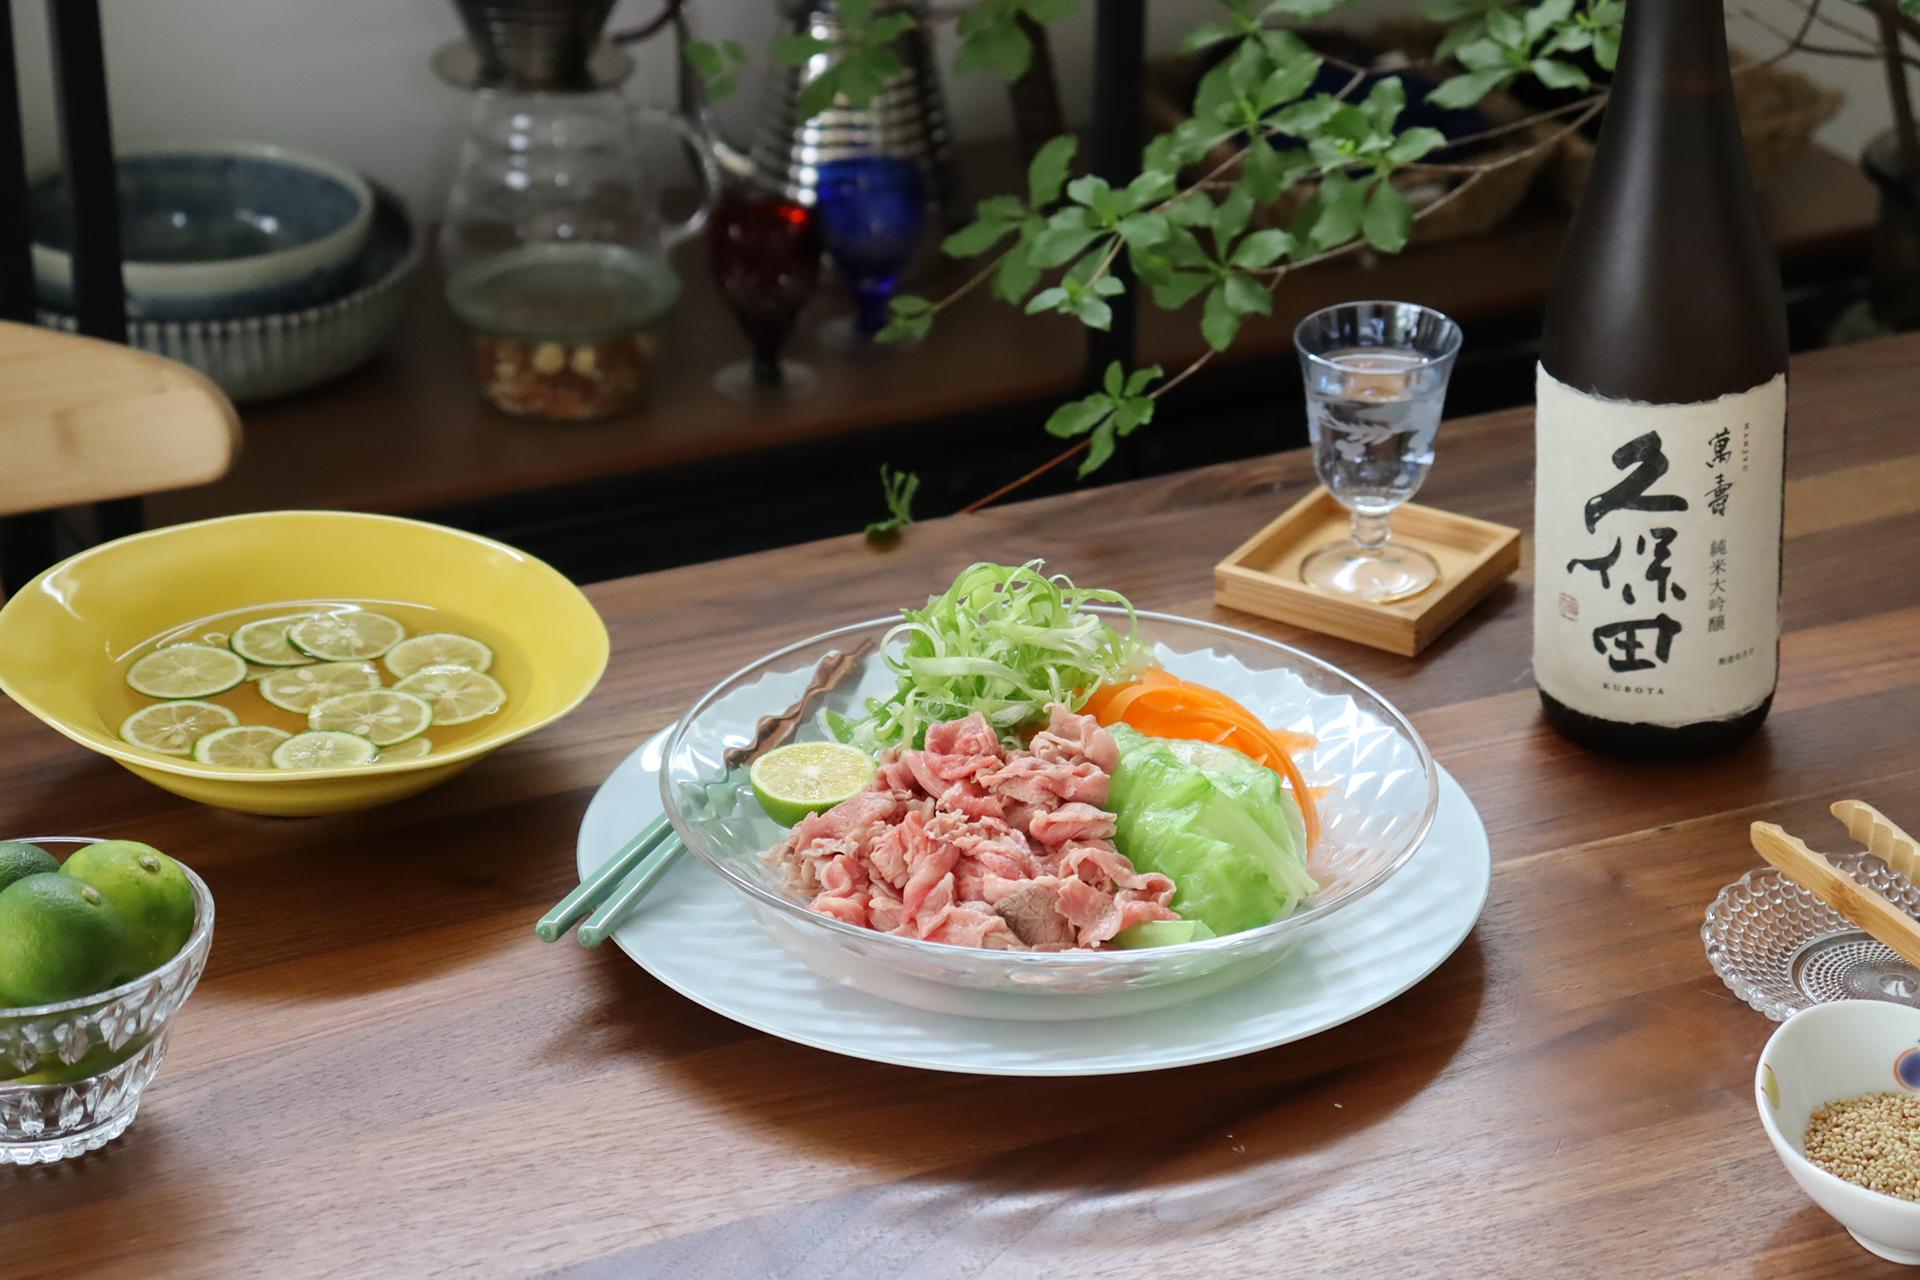 日本酒をもっと楽しむおつまみレシピ|牛冷しゃぶ すだち香る塩出汁で